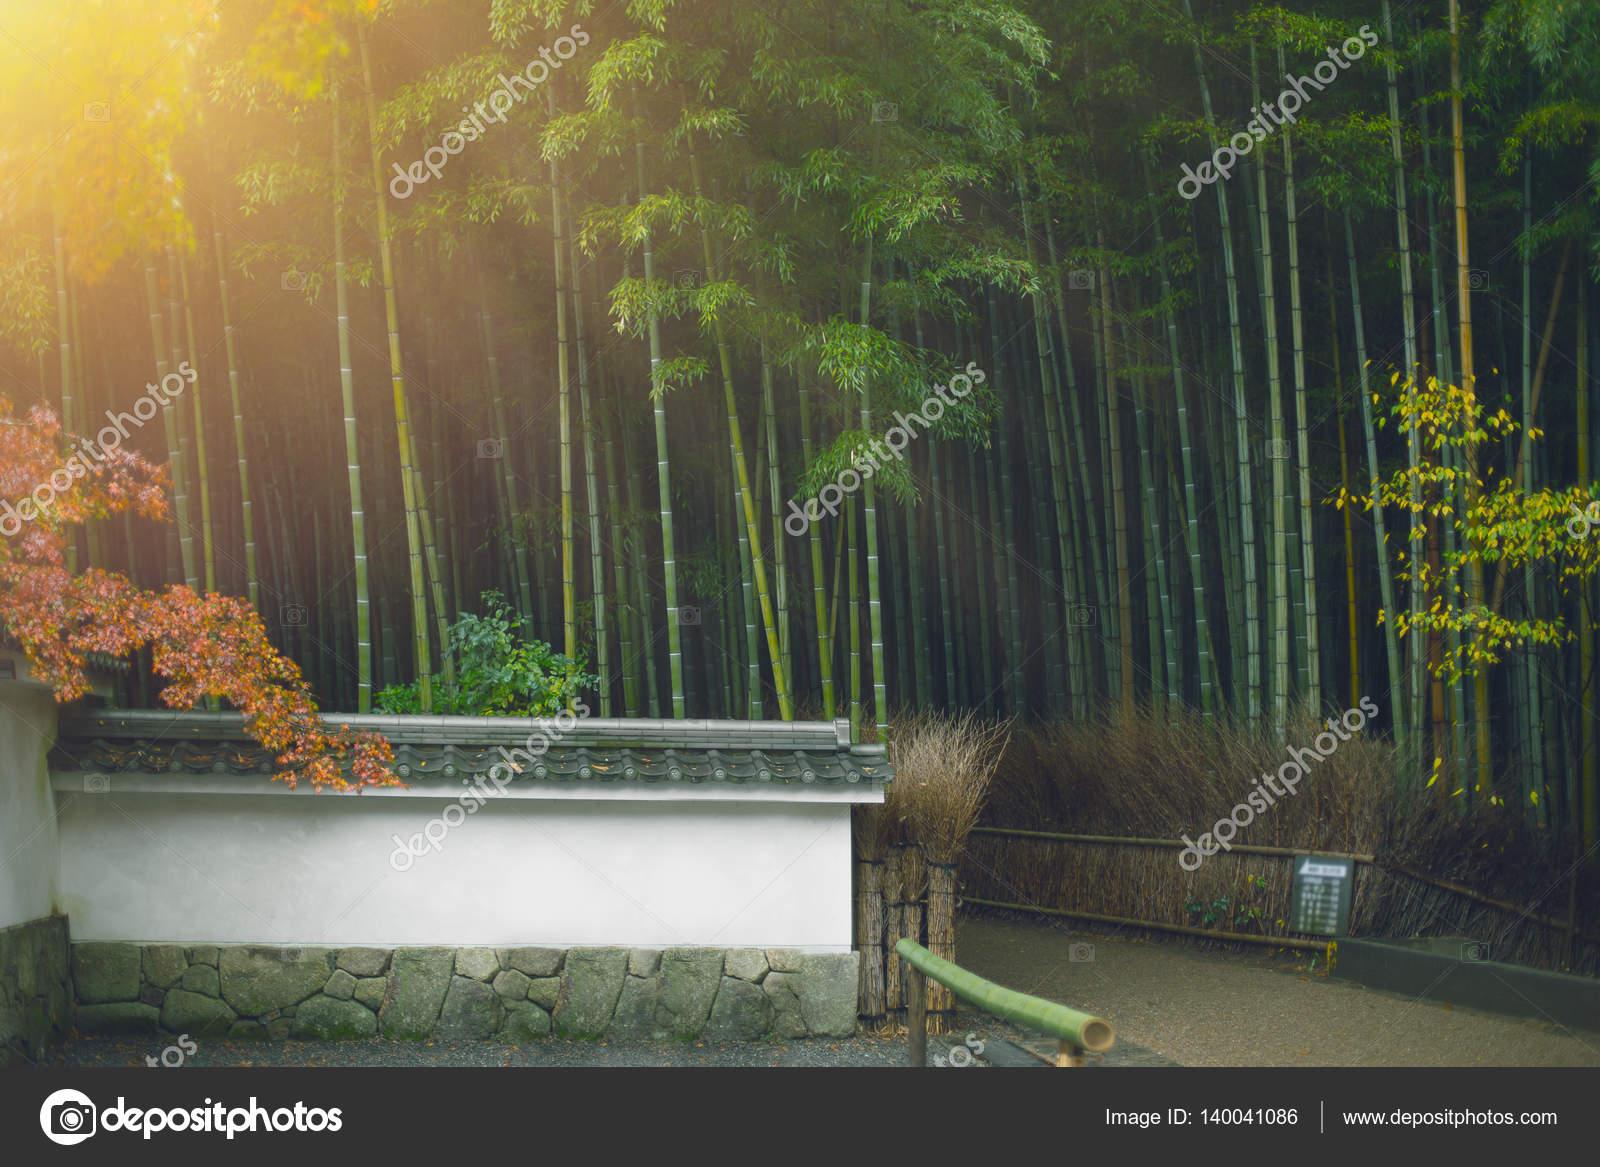 Japan Style Bambuswald Arashiyama In Kyoto Asiatischen Zen Natur